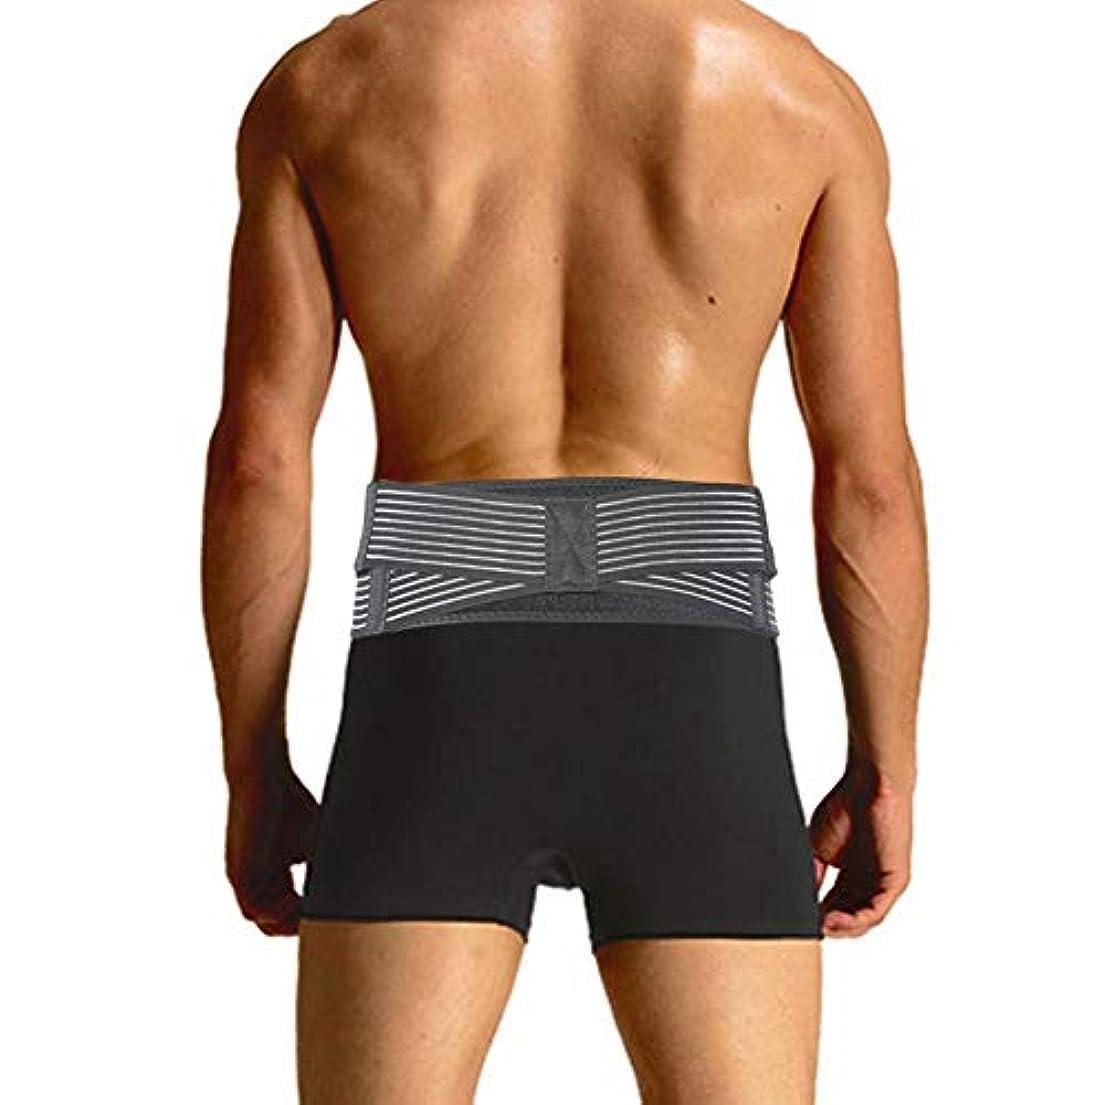 スリチンモイ黄ばむに応じてSIジョイントベルト仙腸ブレース腰部サポートベルト坐骨、骨盤、腰および脚の痛み滑り止めとピリング耐性